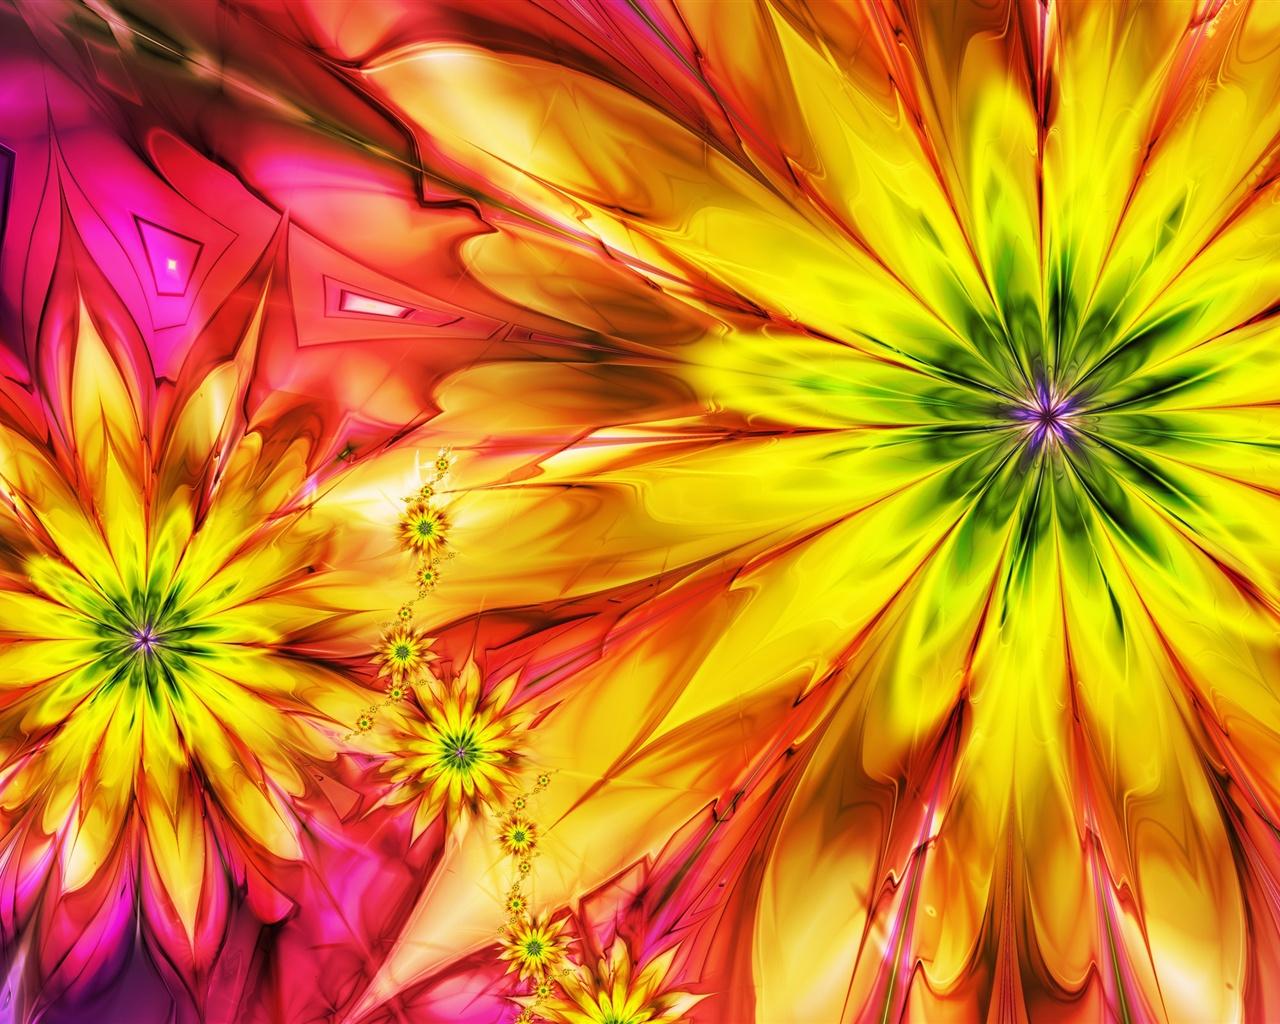 Fondo De Pantalla Abstracto Flores Y Circulos: Fondos De Pantalla Brillantes Flores De Colores Abstractos